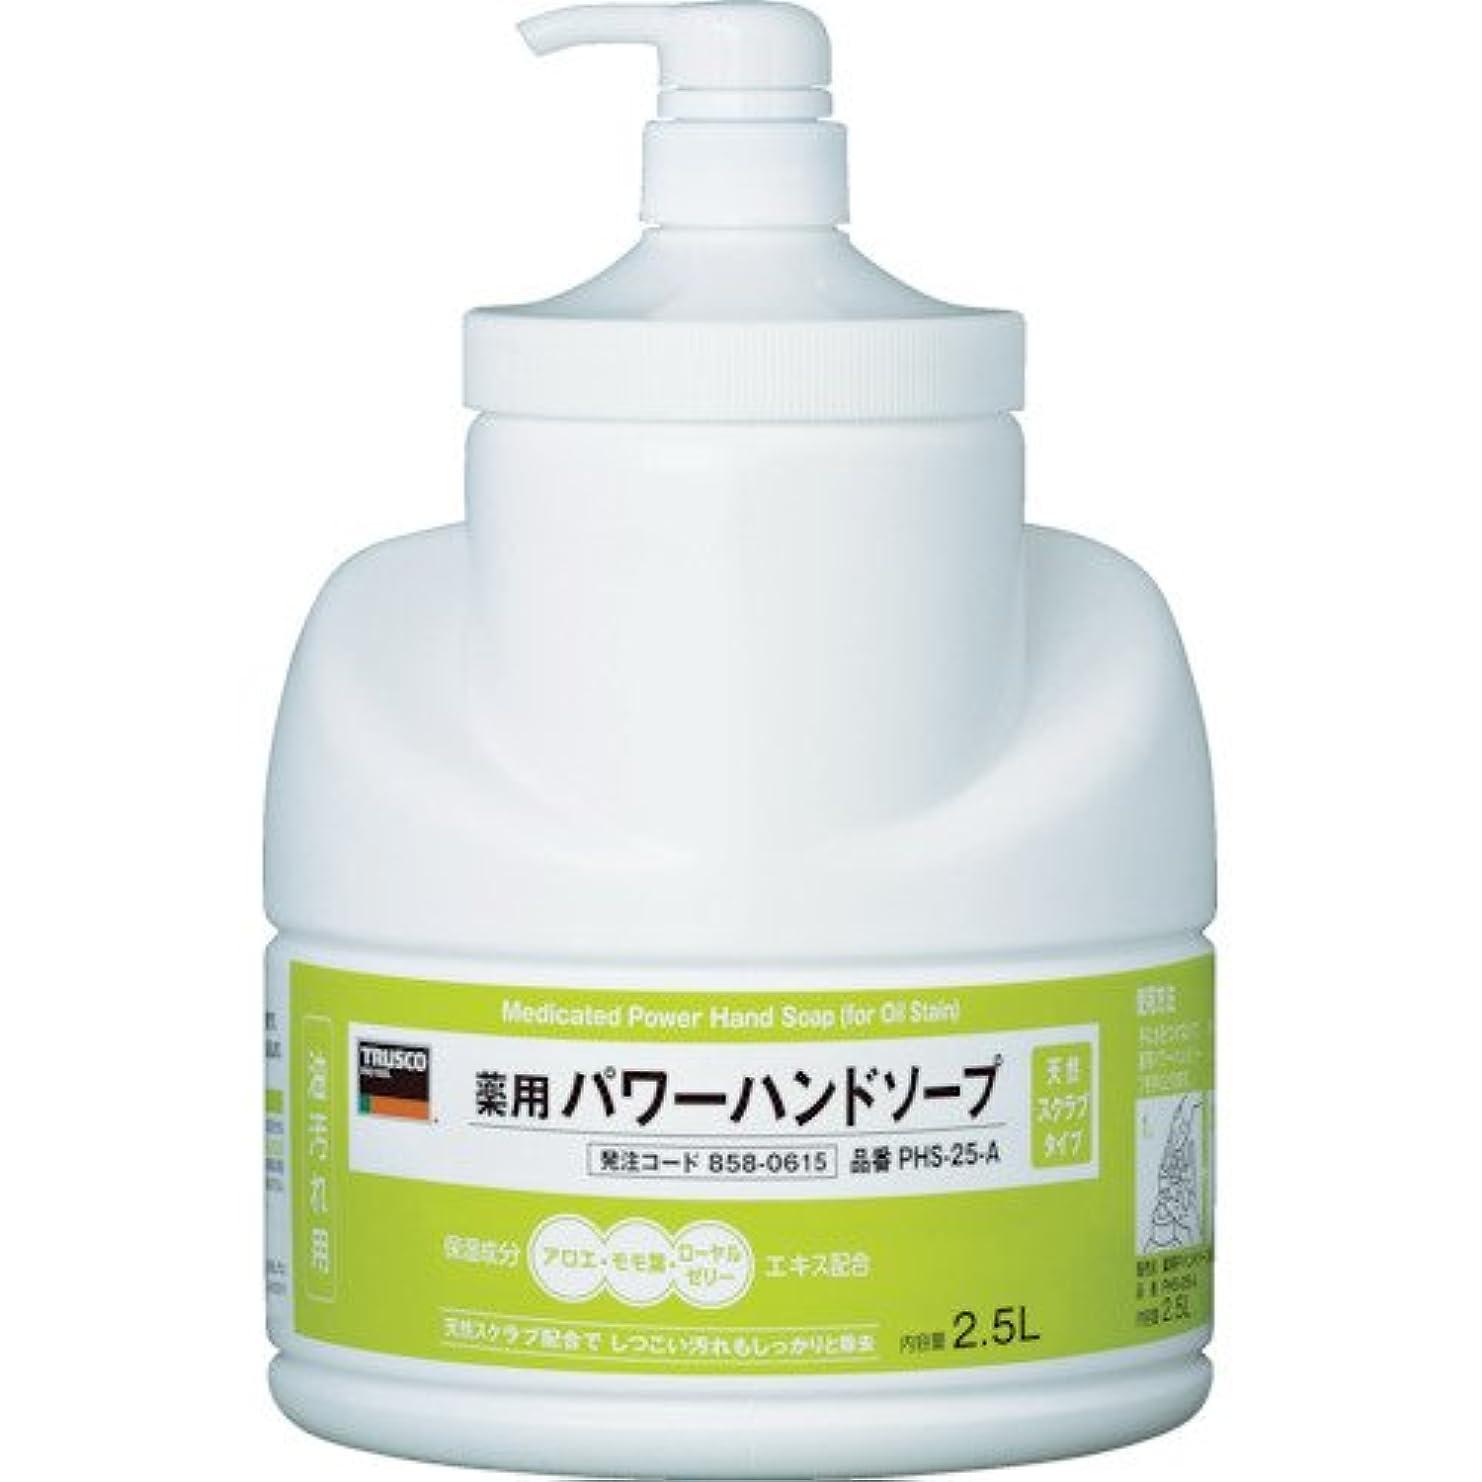 シンボル見つけたダーリントラスコ中山 株 TRUSCO 薬用パワーハンドソープポンプボトル 2.5L PHS-25-A